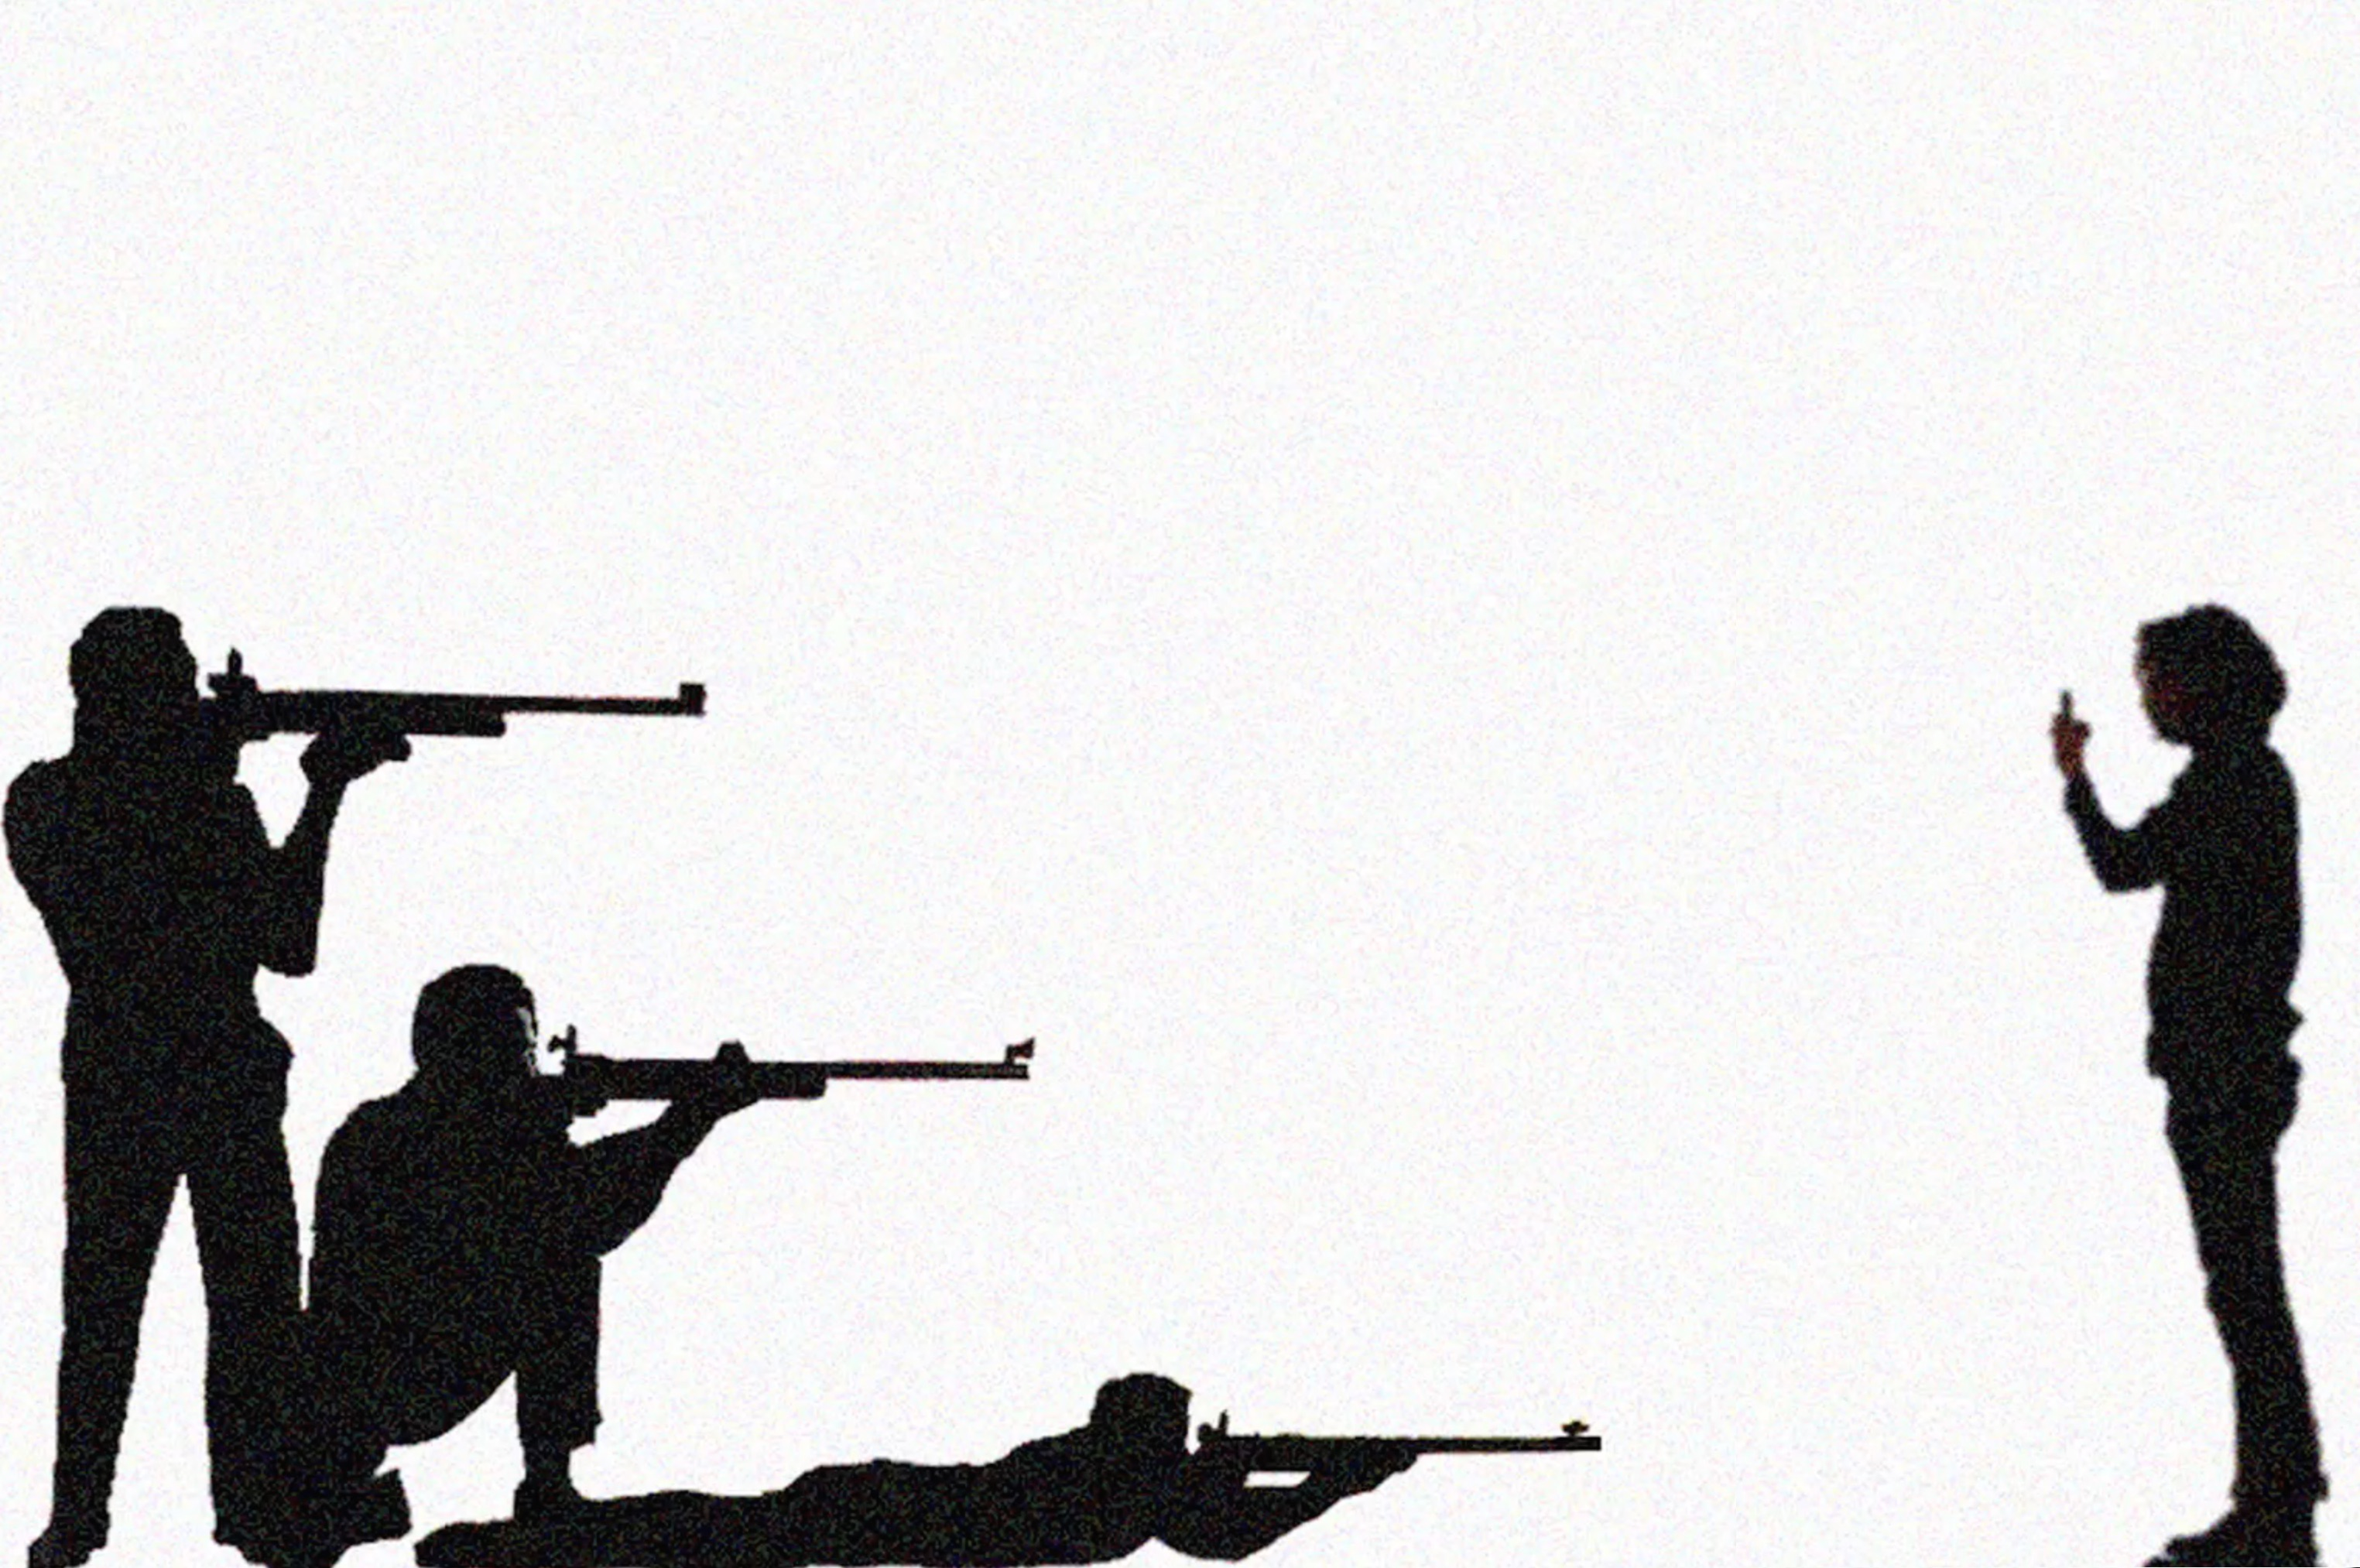 Kriget i allmänhet